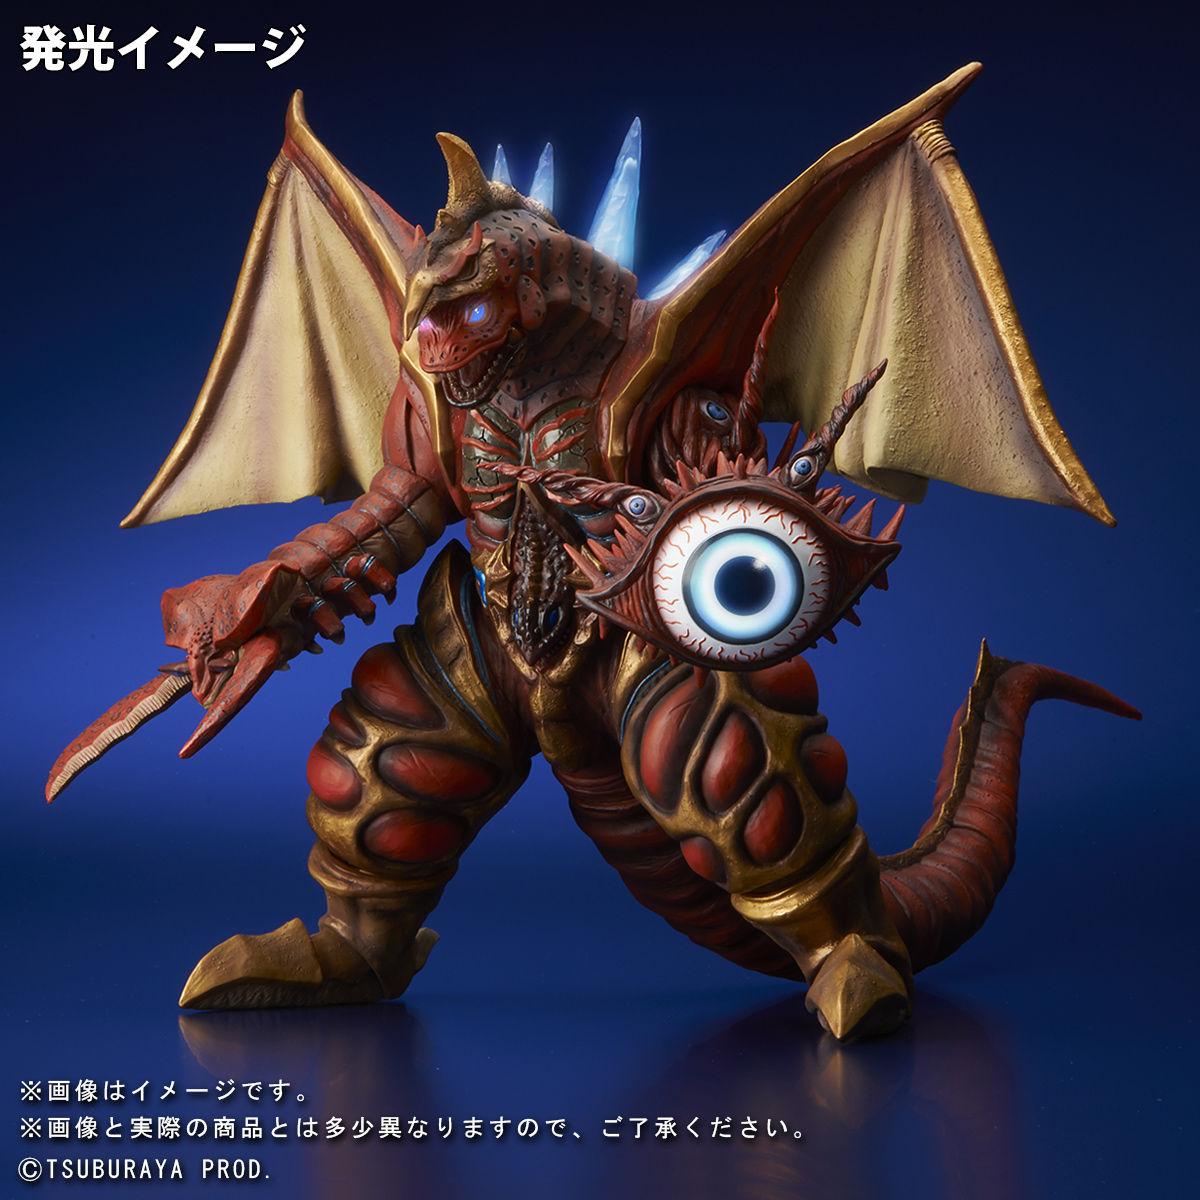 大怪獣シリーズ ULTRA NEW GENERATION『ファイブキング(発光Ver.)』ウルトラマンギンガS 完成品フィギュア-004